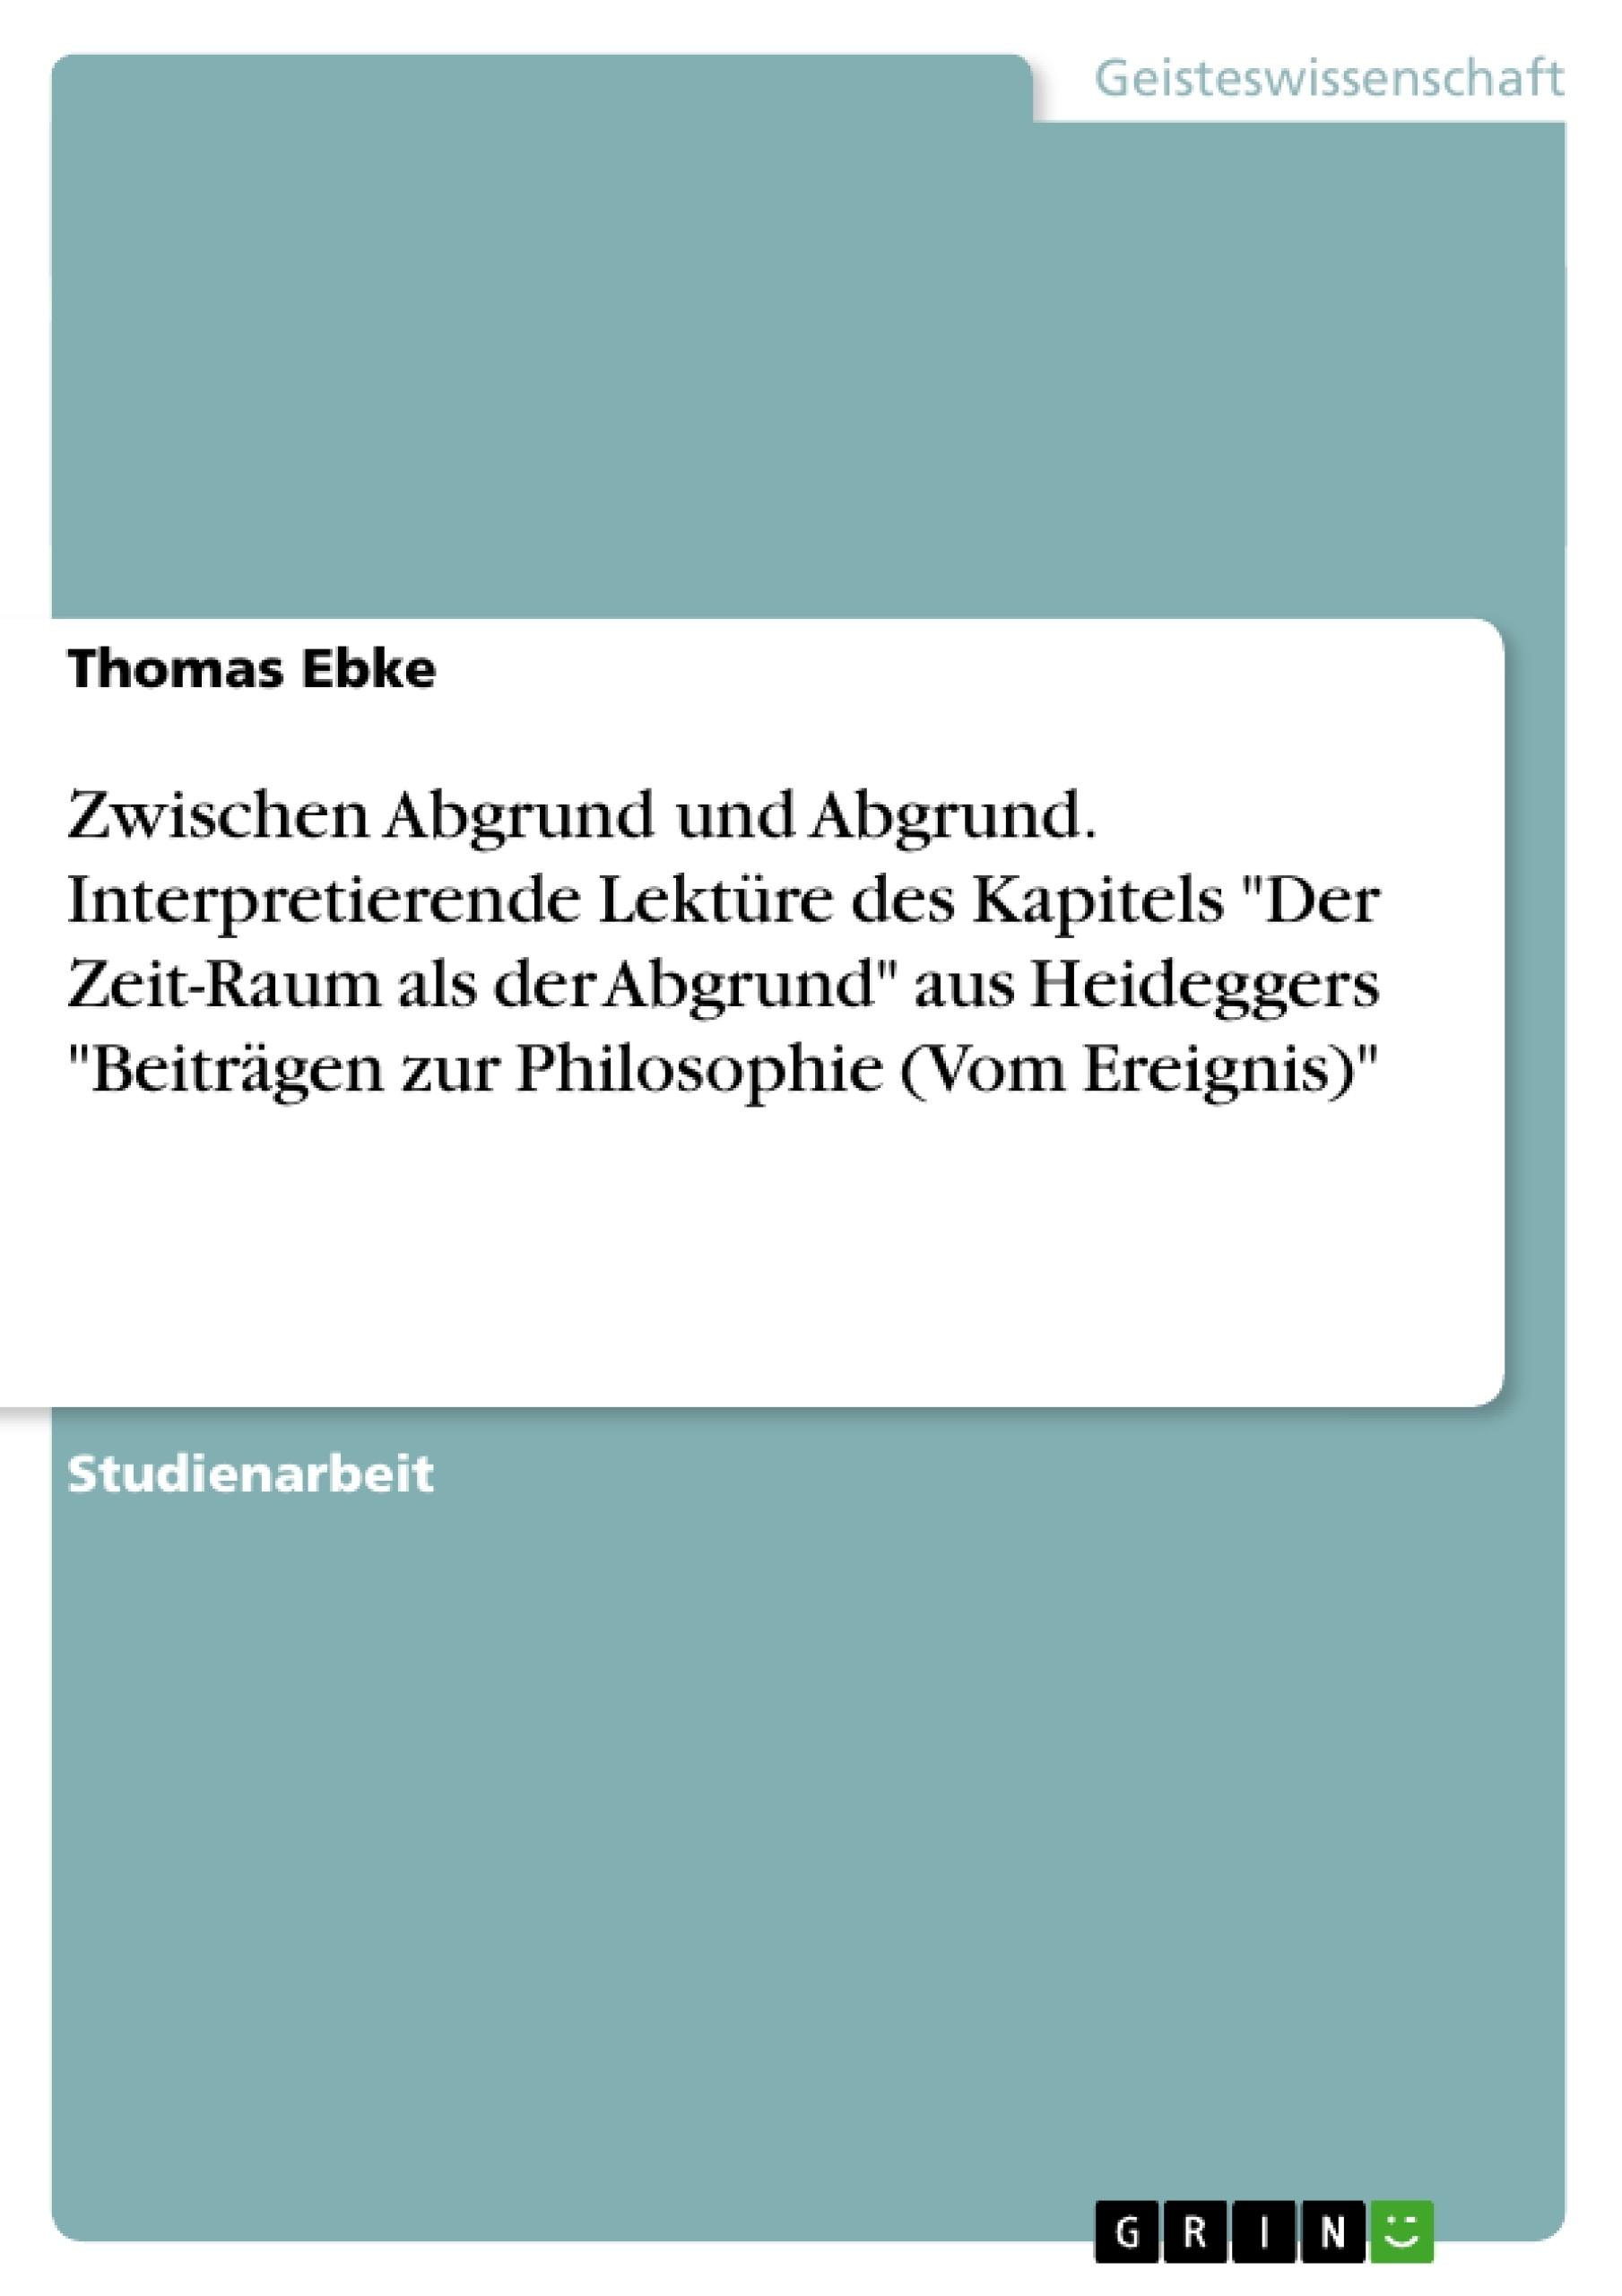 """Titel: Zwischen Abgrund und Abgrund. Interpretierende Lektüre des Kapitels """"Der Zeit-Raum als der Abgrund"""" aus Heideggers """"Beiträgen zur Philosophie (Vom Ereignis)"""""""